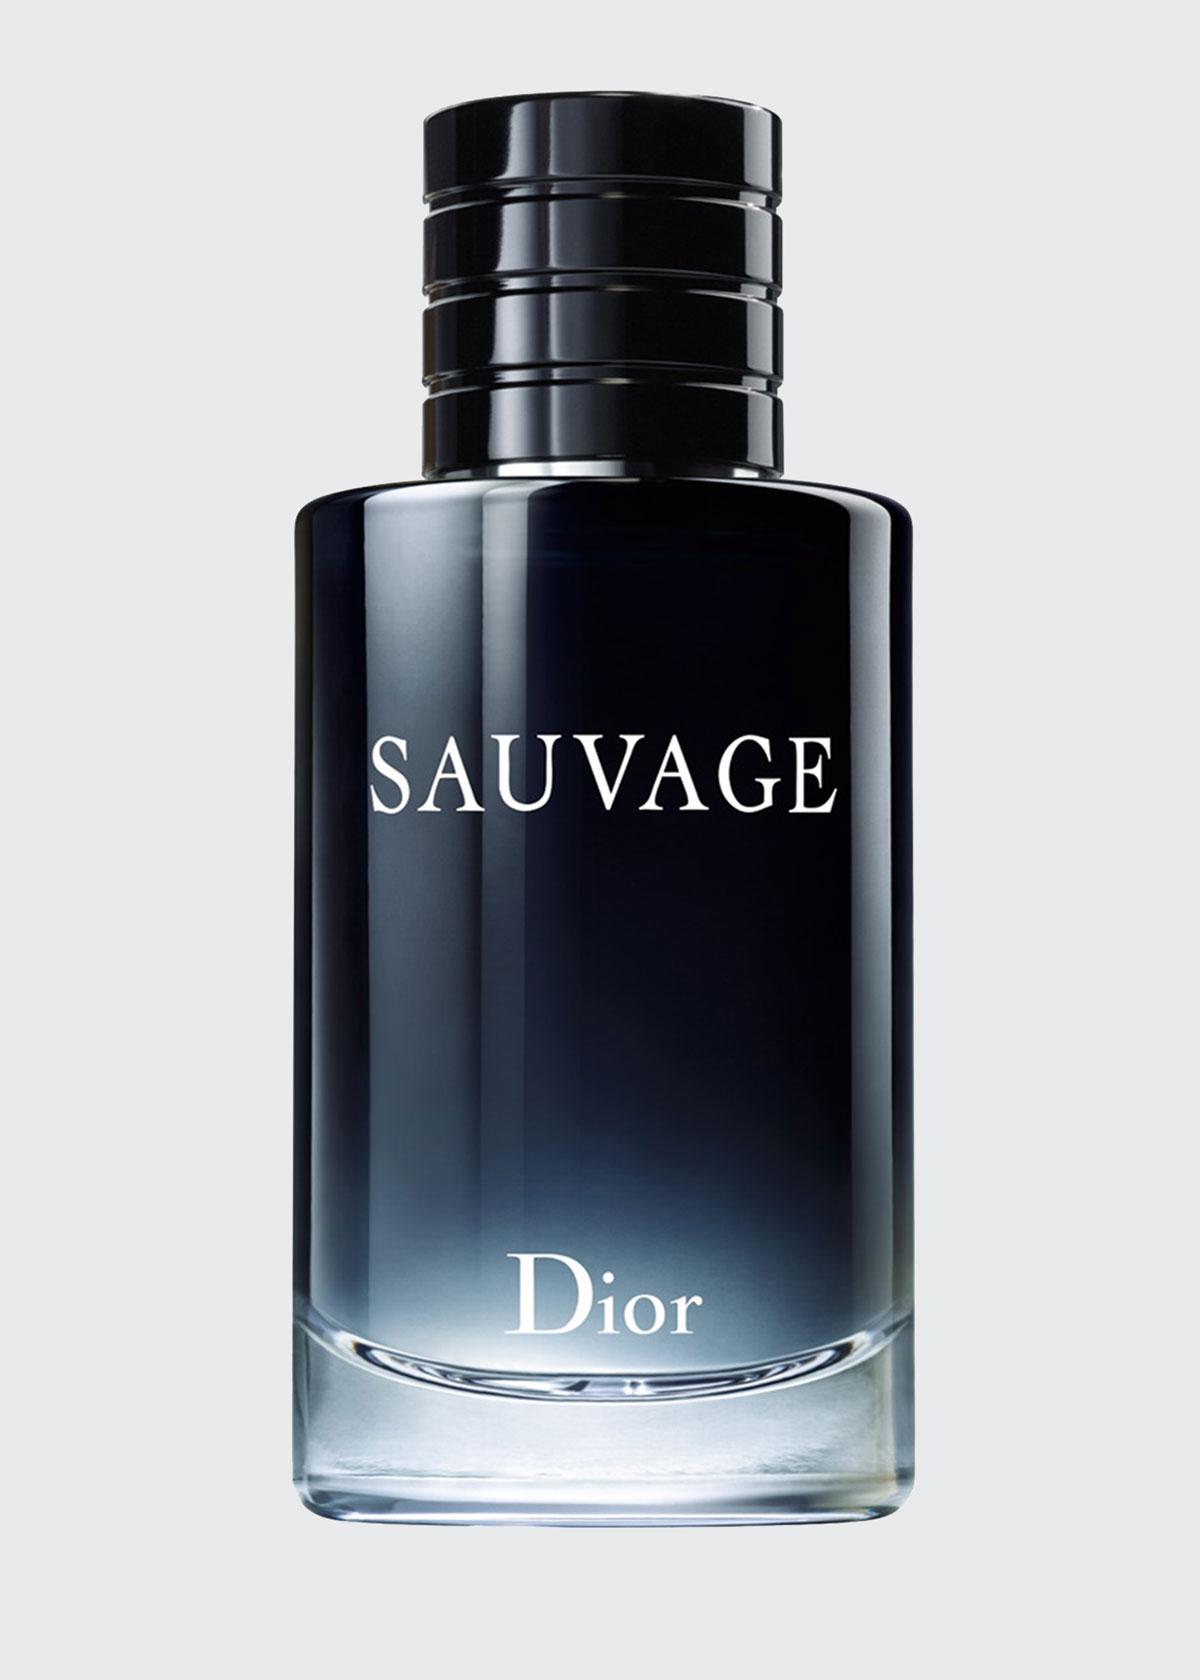 Sauvage Eau De Toilette 3.4 Oz/ 100 Ml Eau De Toilette Spray